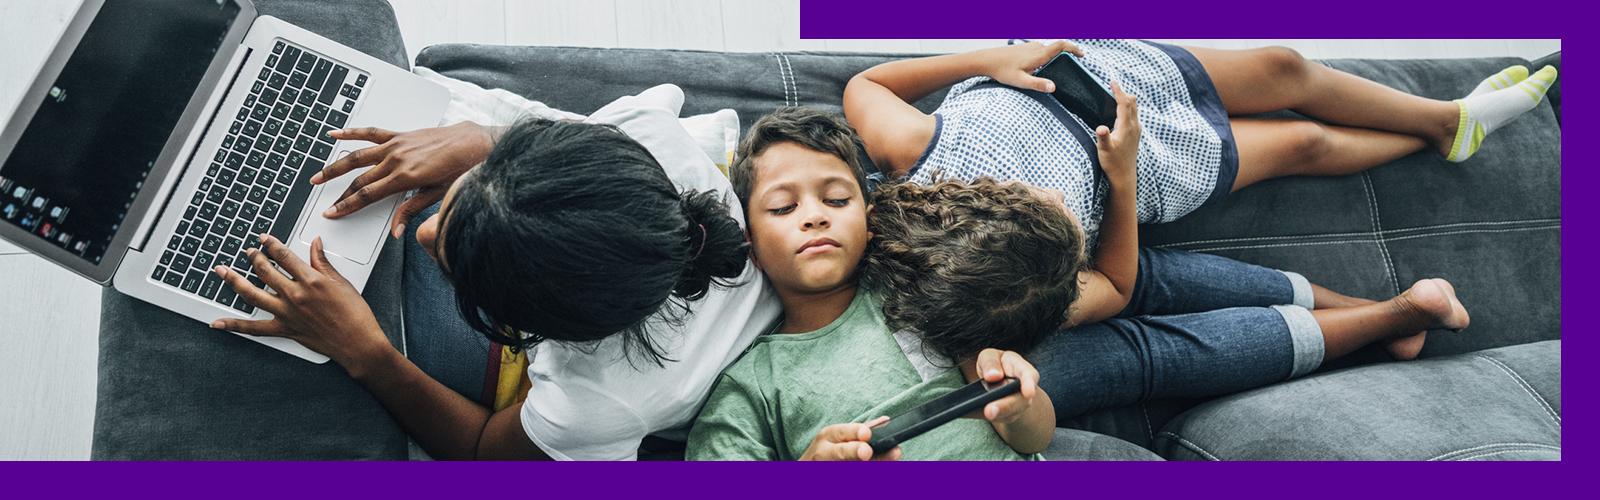 Imagem que ilustra o efeito do excesso de telas para crianças e adolescentes mostra três crianças apoiadas umas nas outras em um sofá. Uma delas usa um notebook , enquanto as outas duas estão olhando para as telas de smartphones.